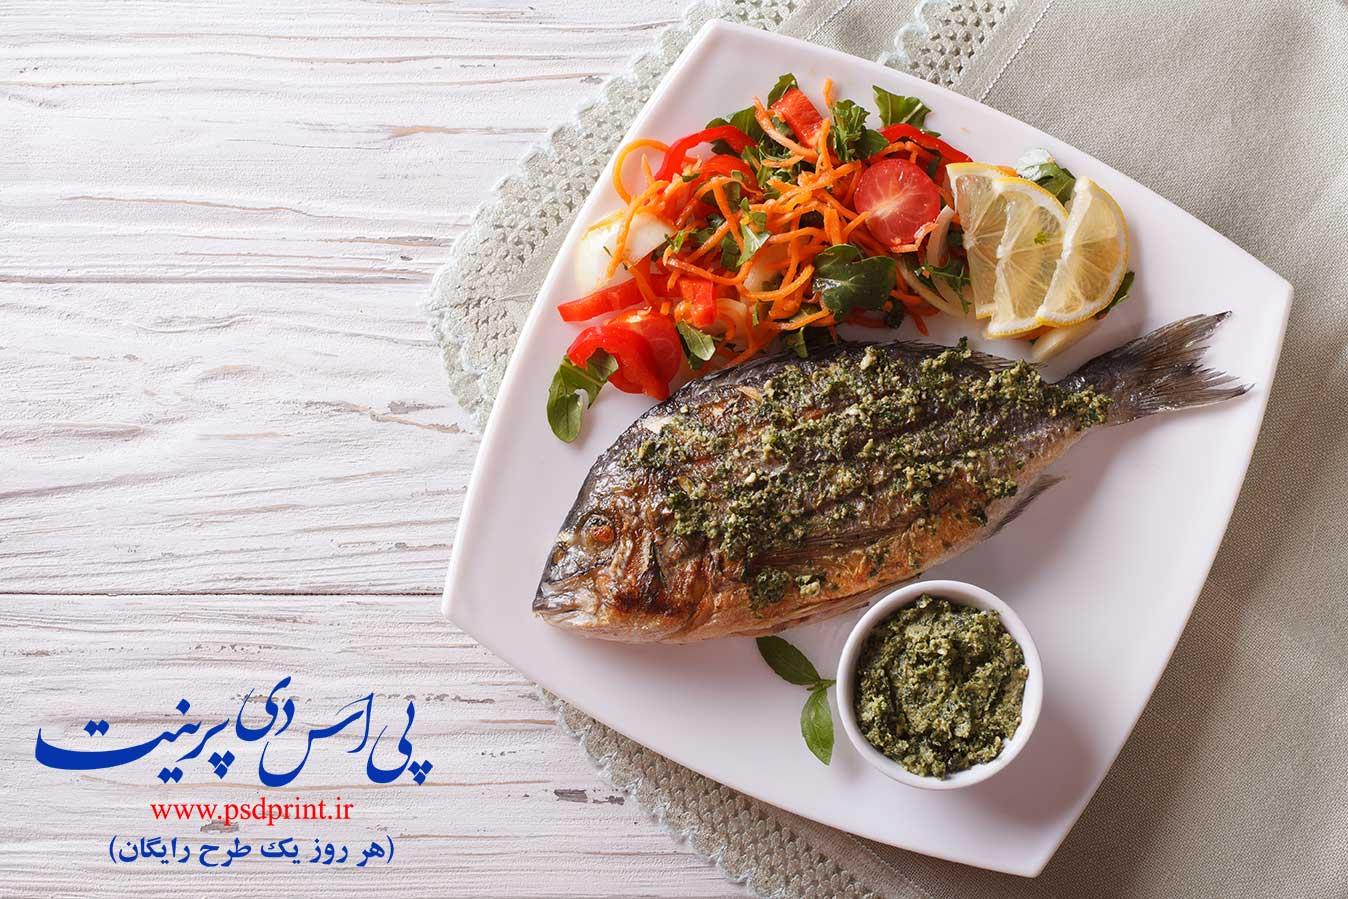 تصویر ماهی سرخ شده